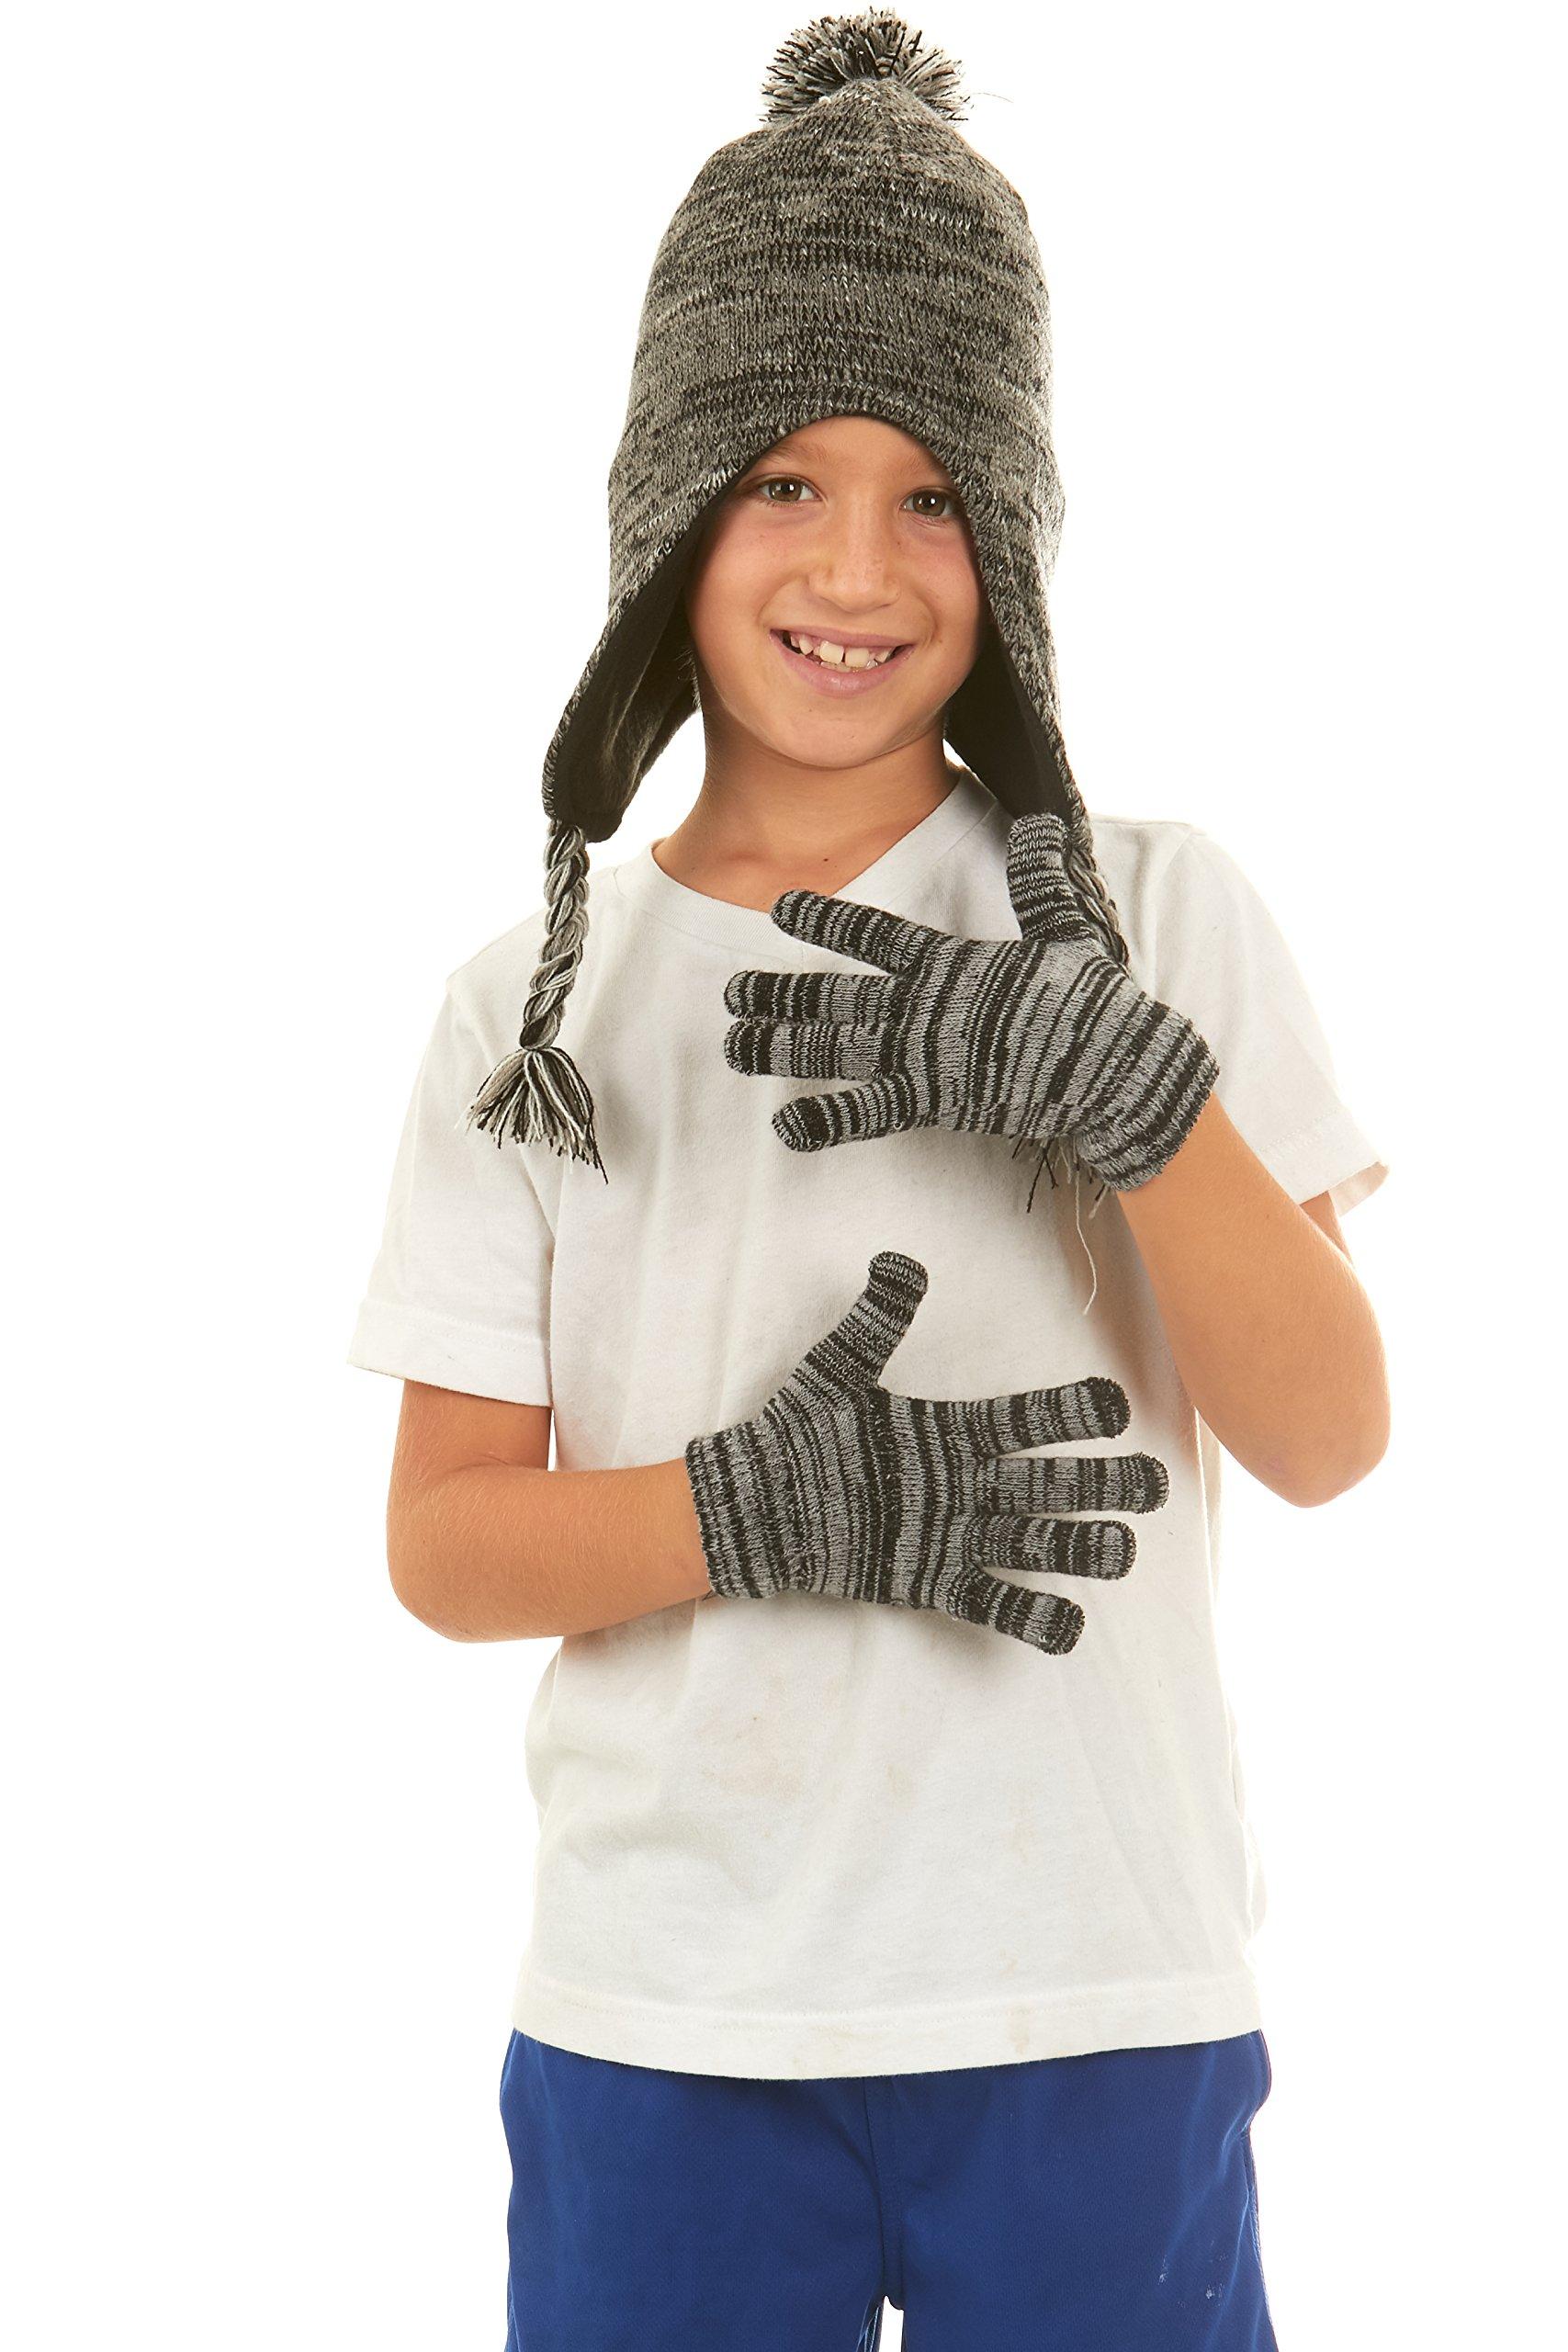 Polar Wear Boys Knit Winter Peruvian Ear Flaps